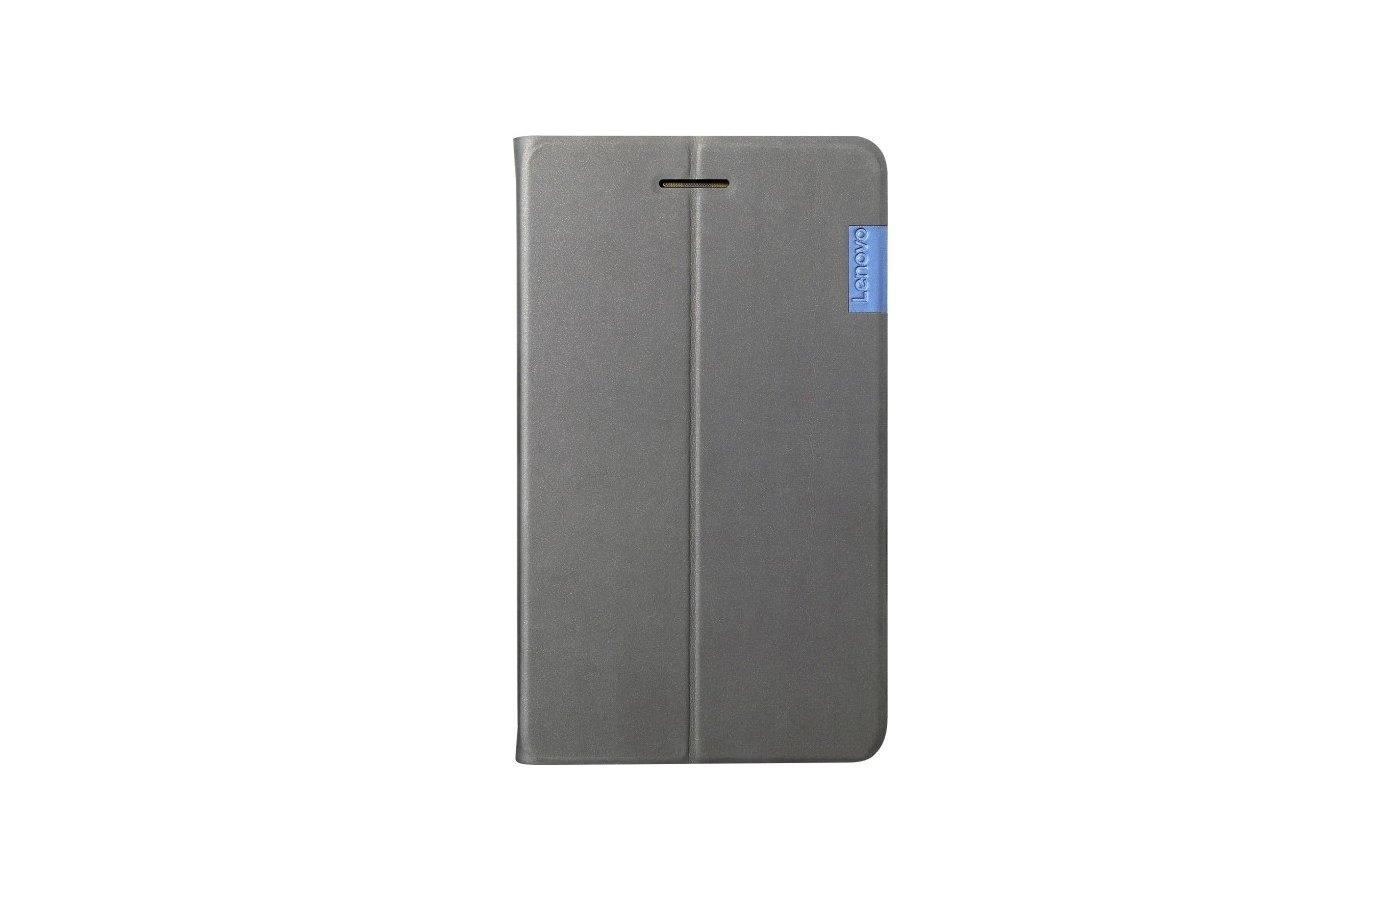 Чехол для планшетного ПК Lenovo для Lenovo Tab 3 730 Folio Case and Film серый (ZG38C01054)